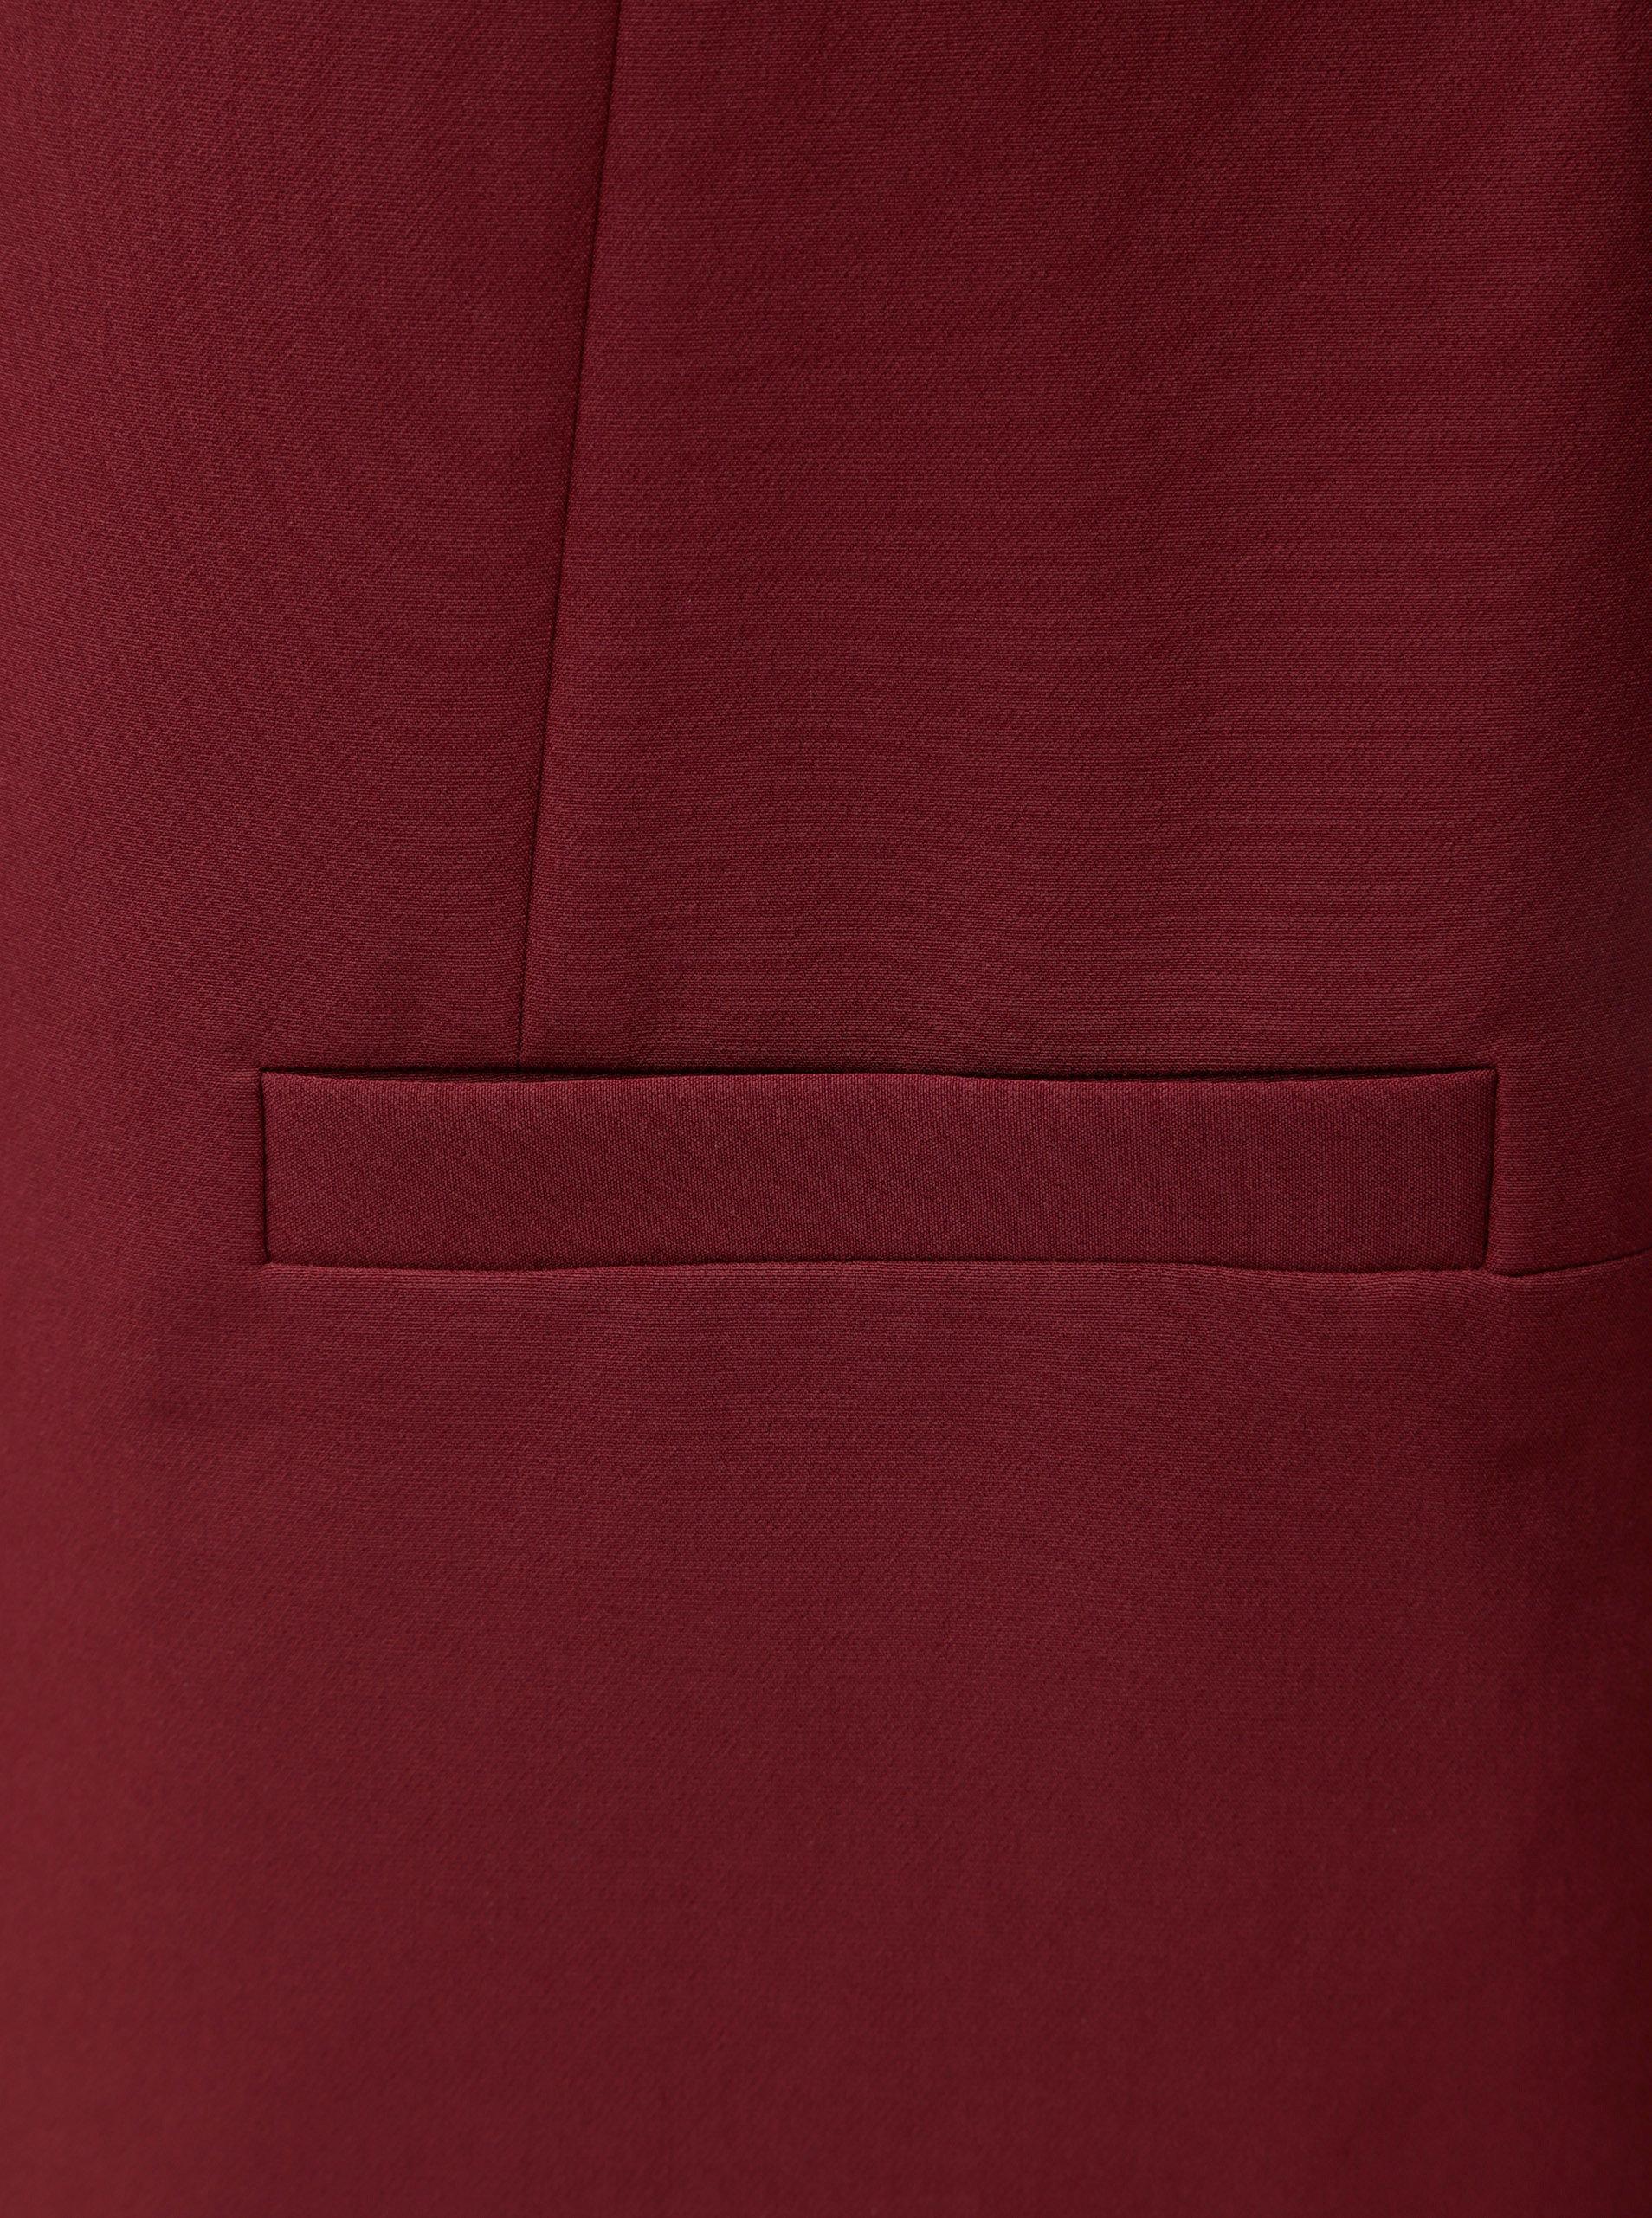 52e3c47aa9d1 Vínové kostýmové sako Dorothy Perkins Claret ...